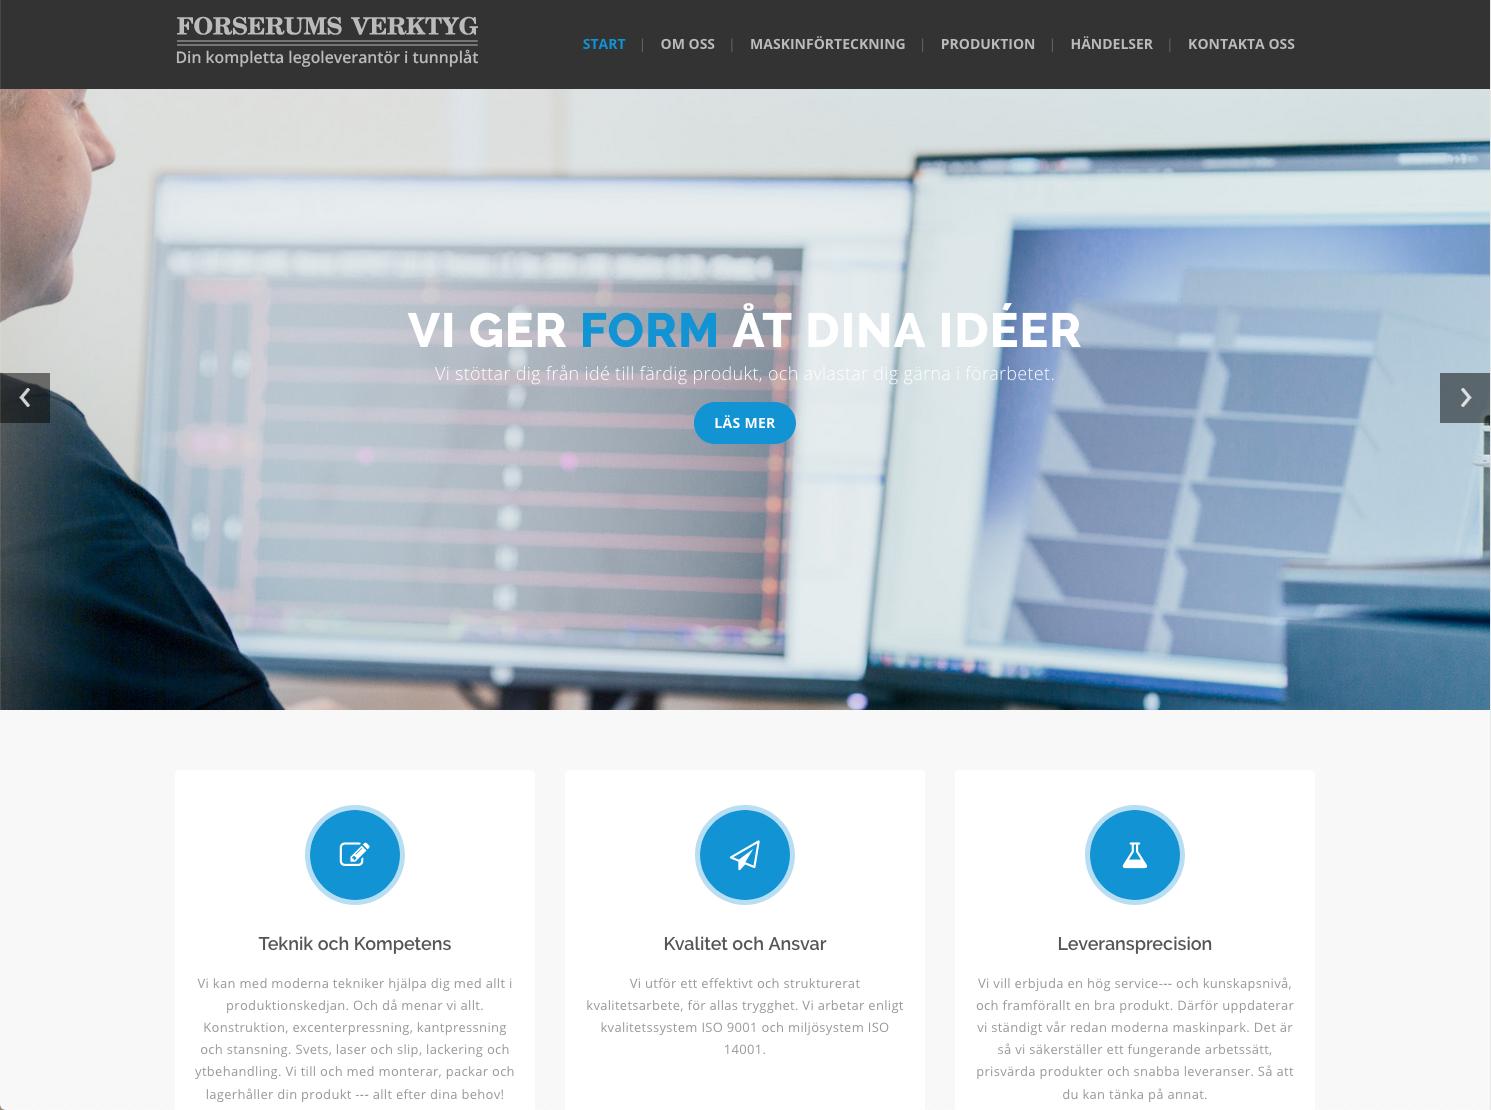 Ny hemsida till Forserums verktyg